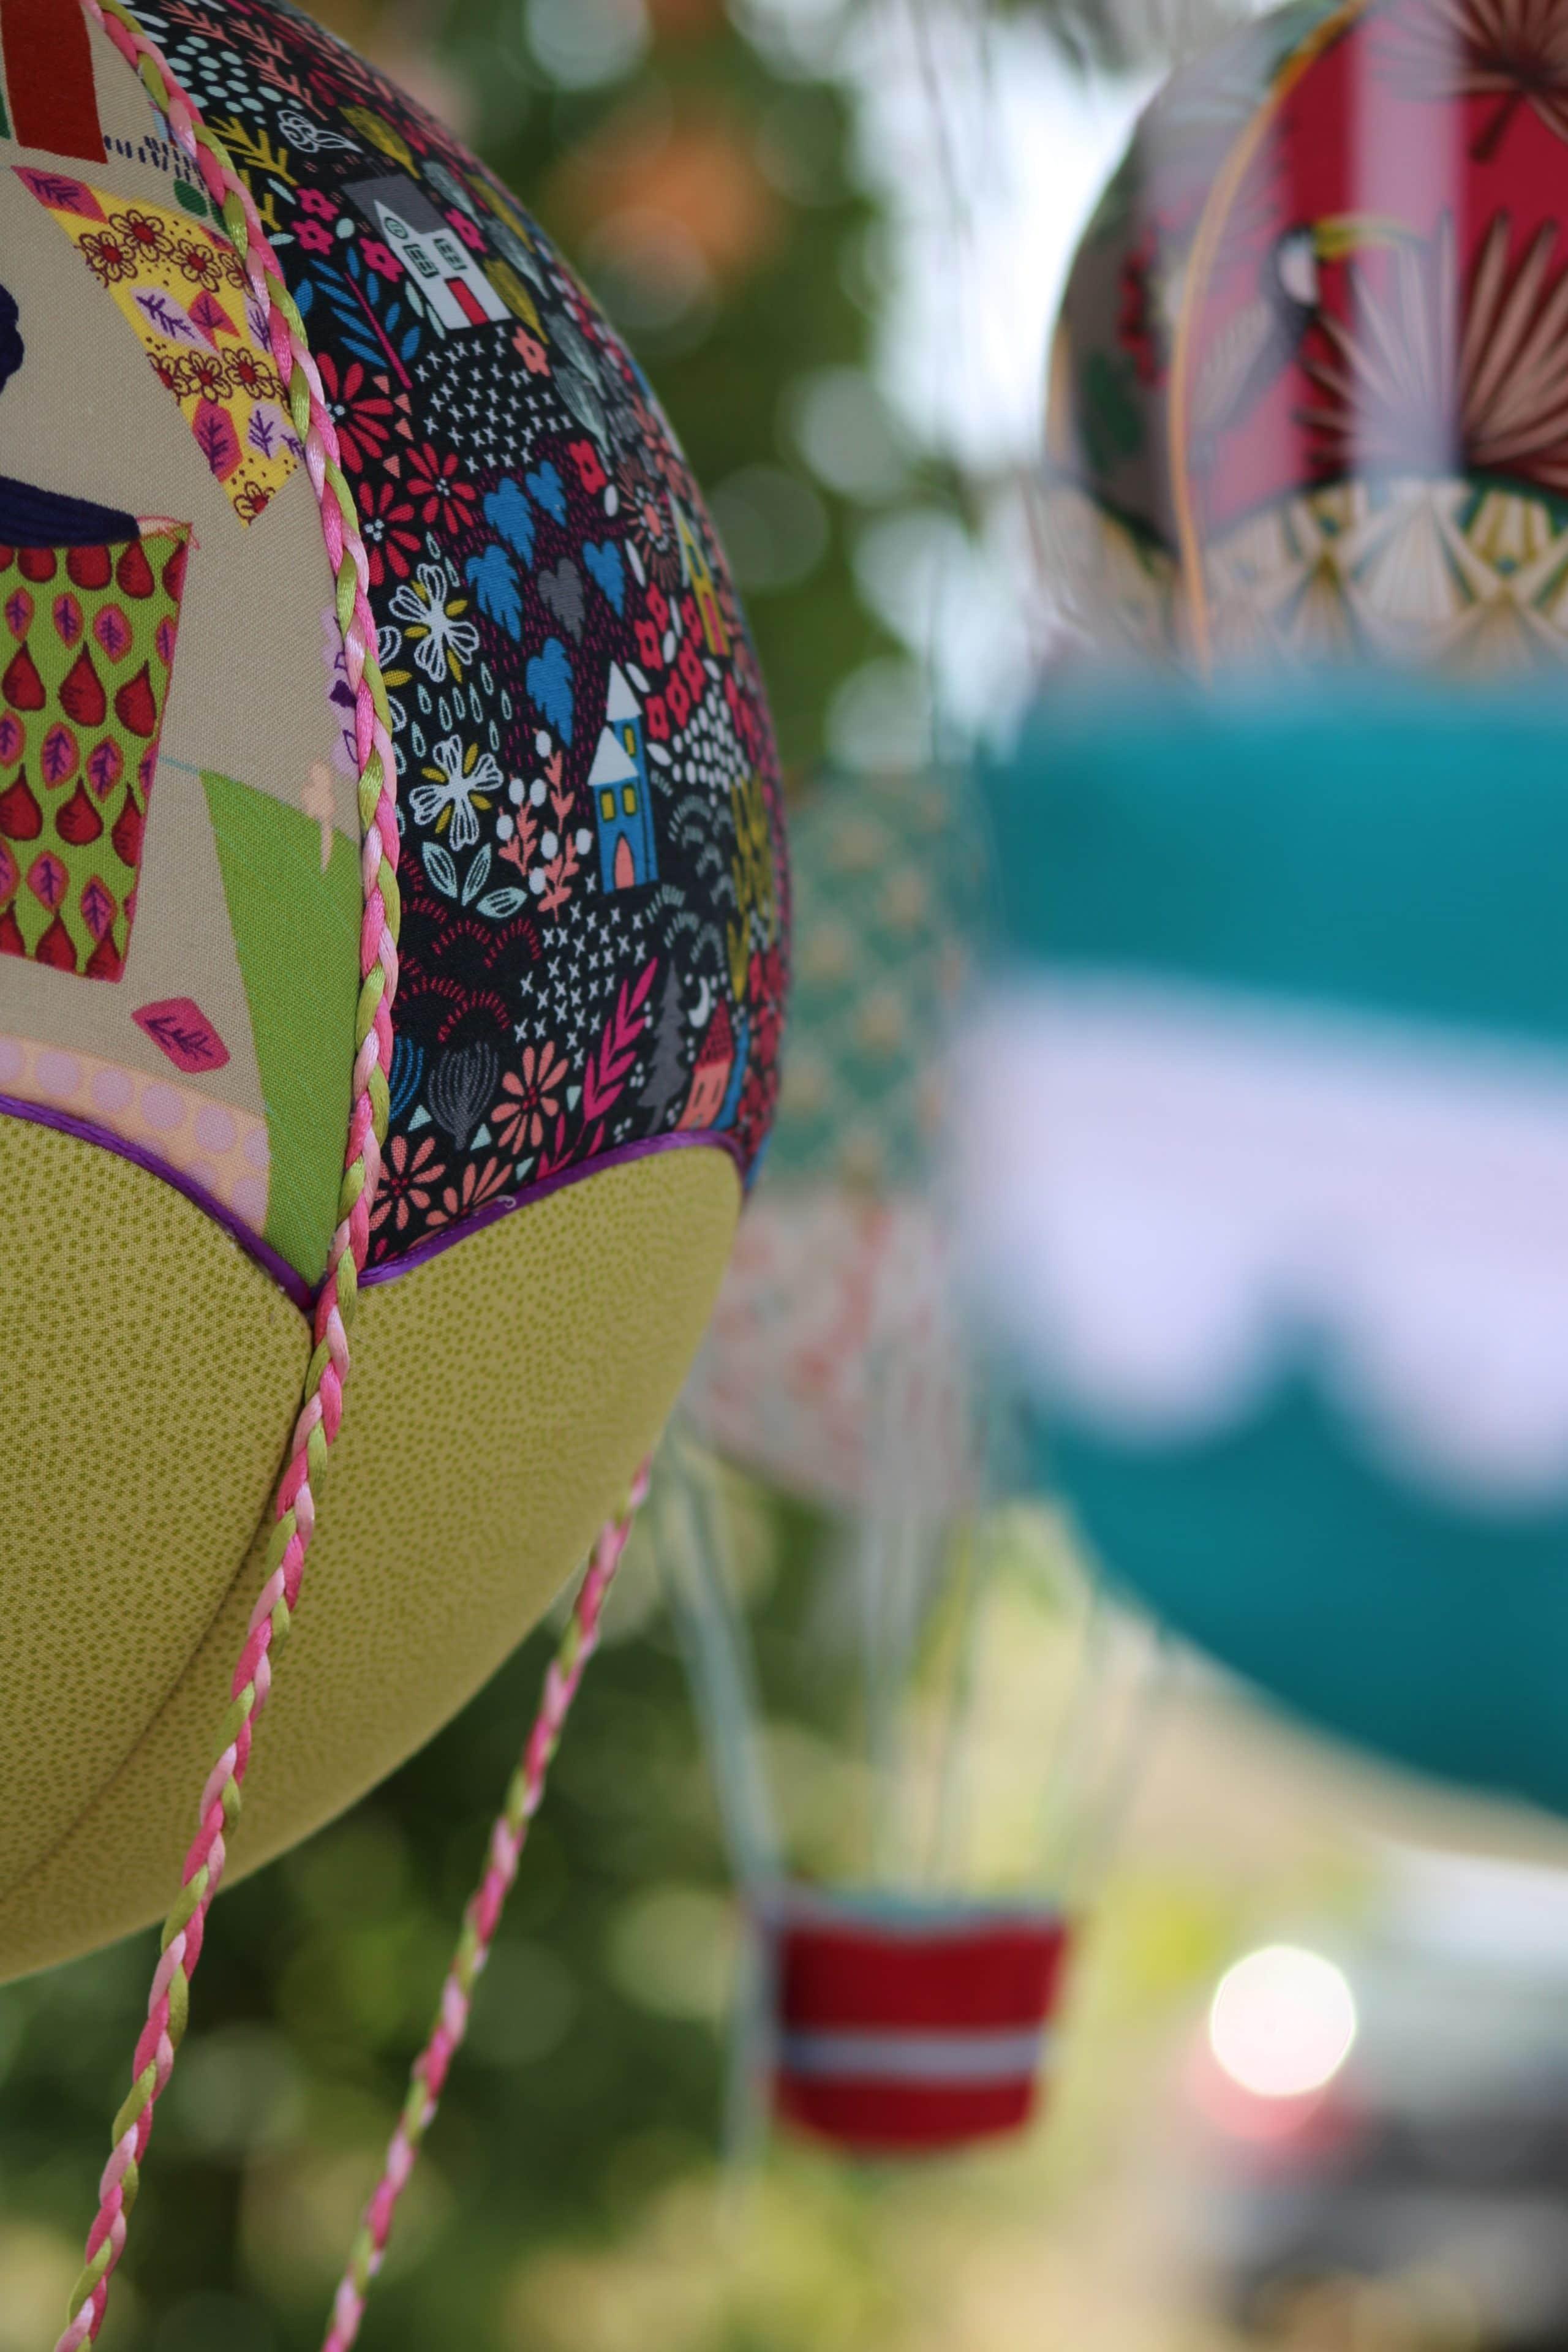 Montgolfières en tissu incrustés sur boule de polystyrène Atelier à Villefranque (64)